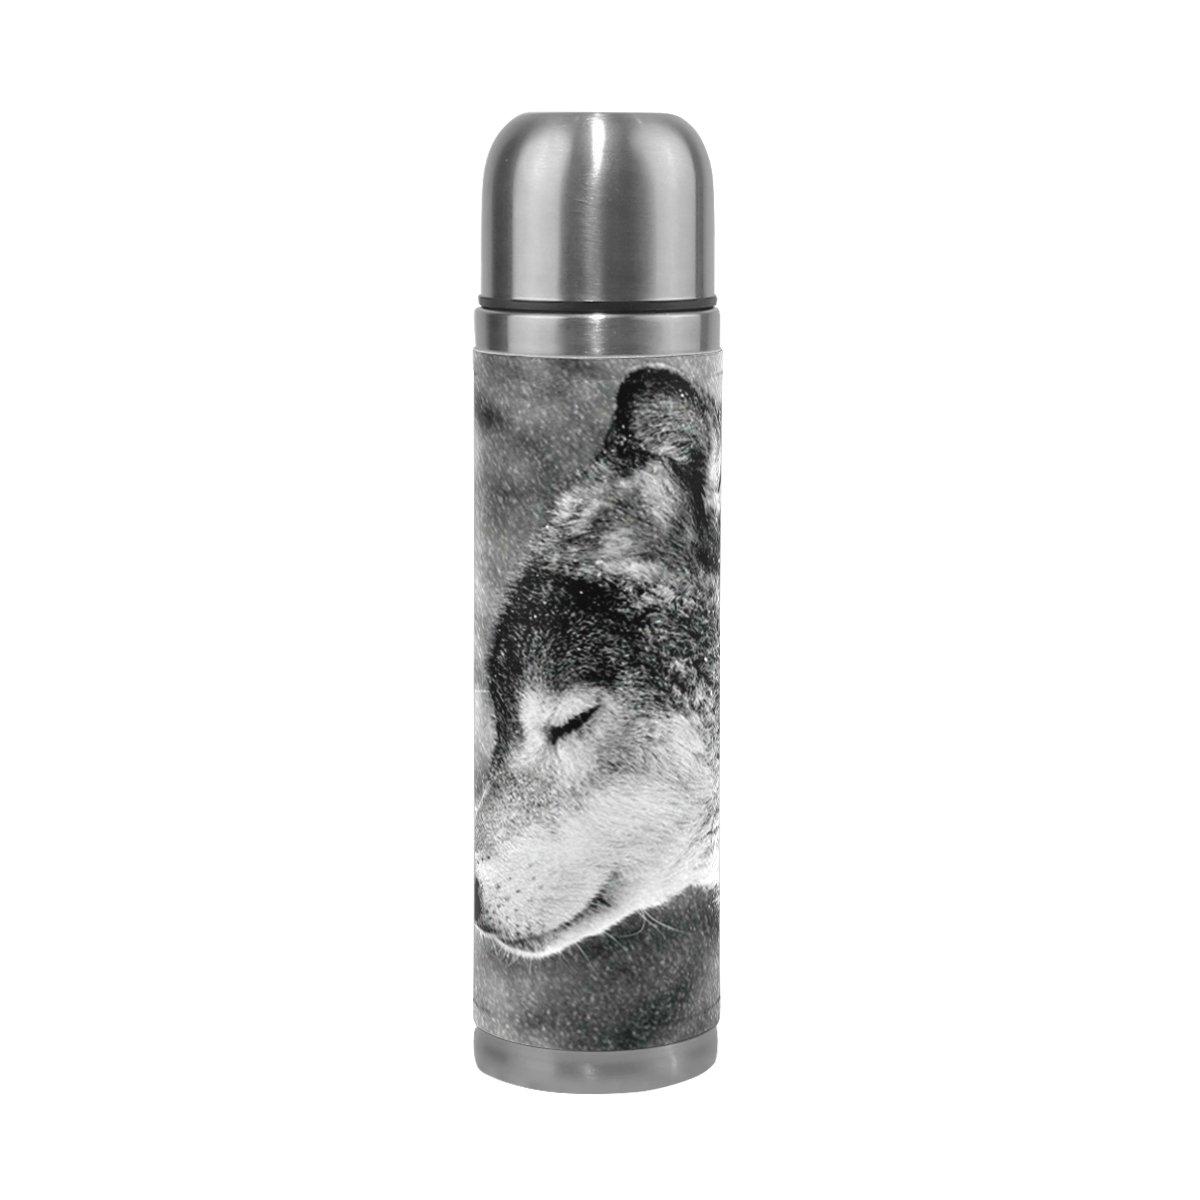 新しいコレクション deyyaブラックandホワイトWolfsパターン印刷17 oz二重壁真空断熱ステンレススチール水ボトル真空フラスコ旅行マグ魔法瓶コーヒーカップ B078W361YX B078W361YX, 島道具:79168ba5 --- a0267596.xsph.ru